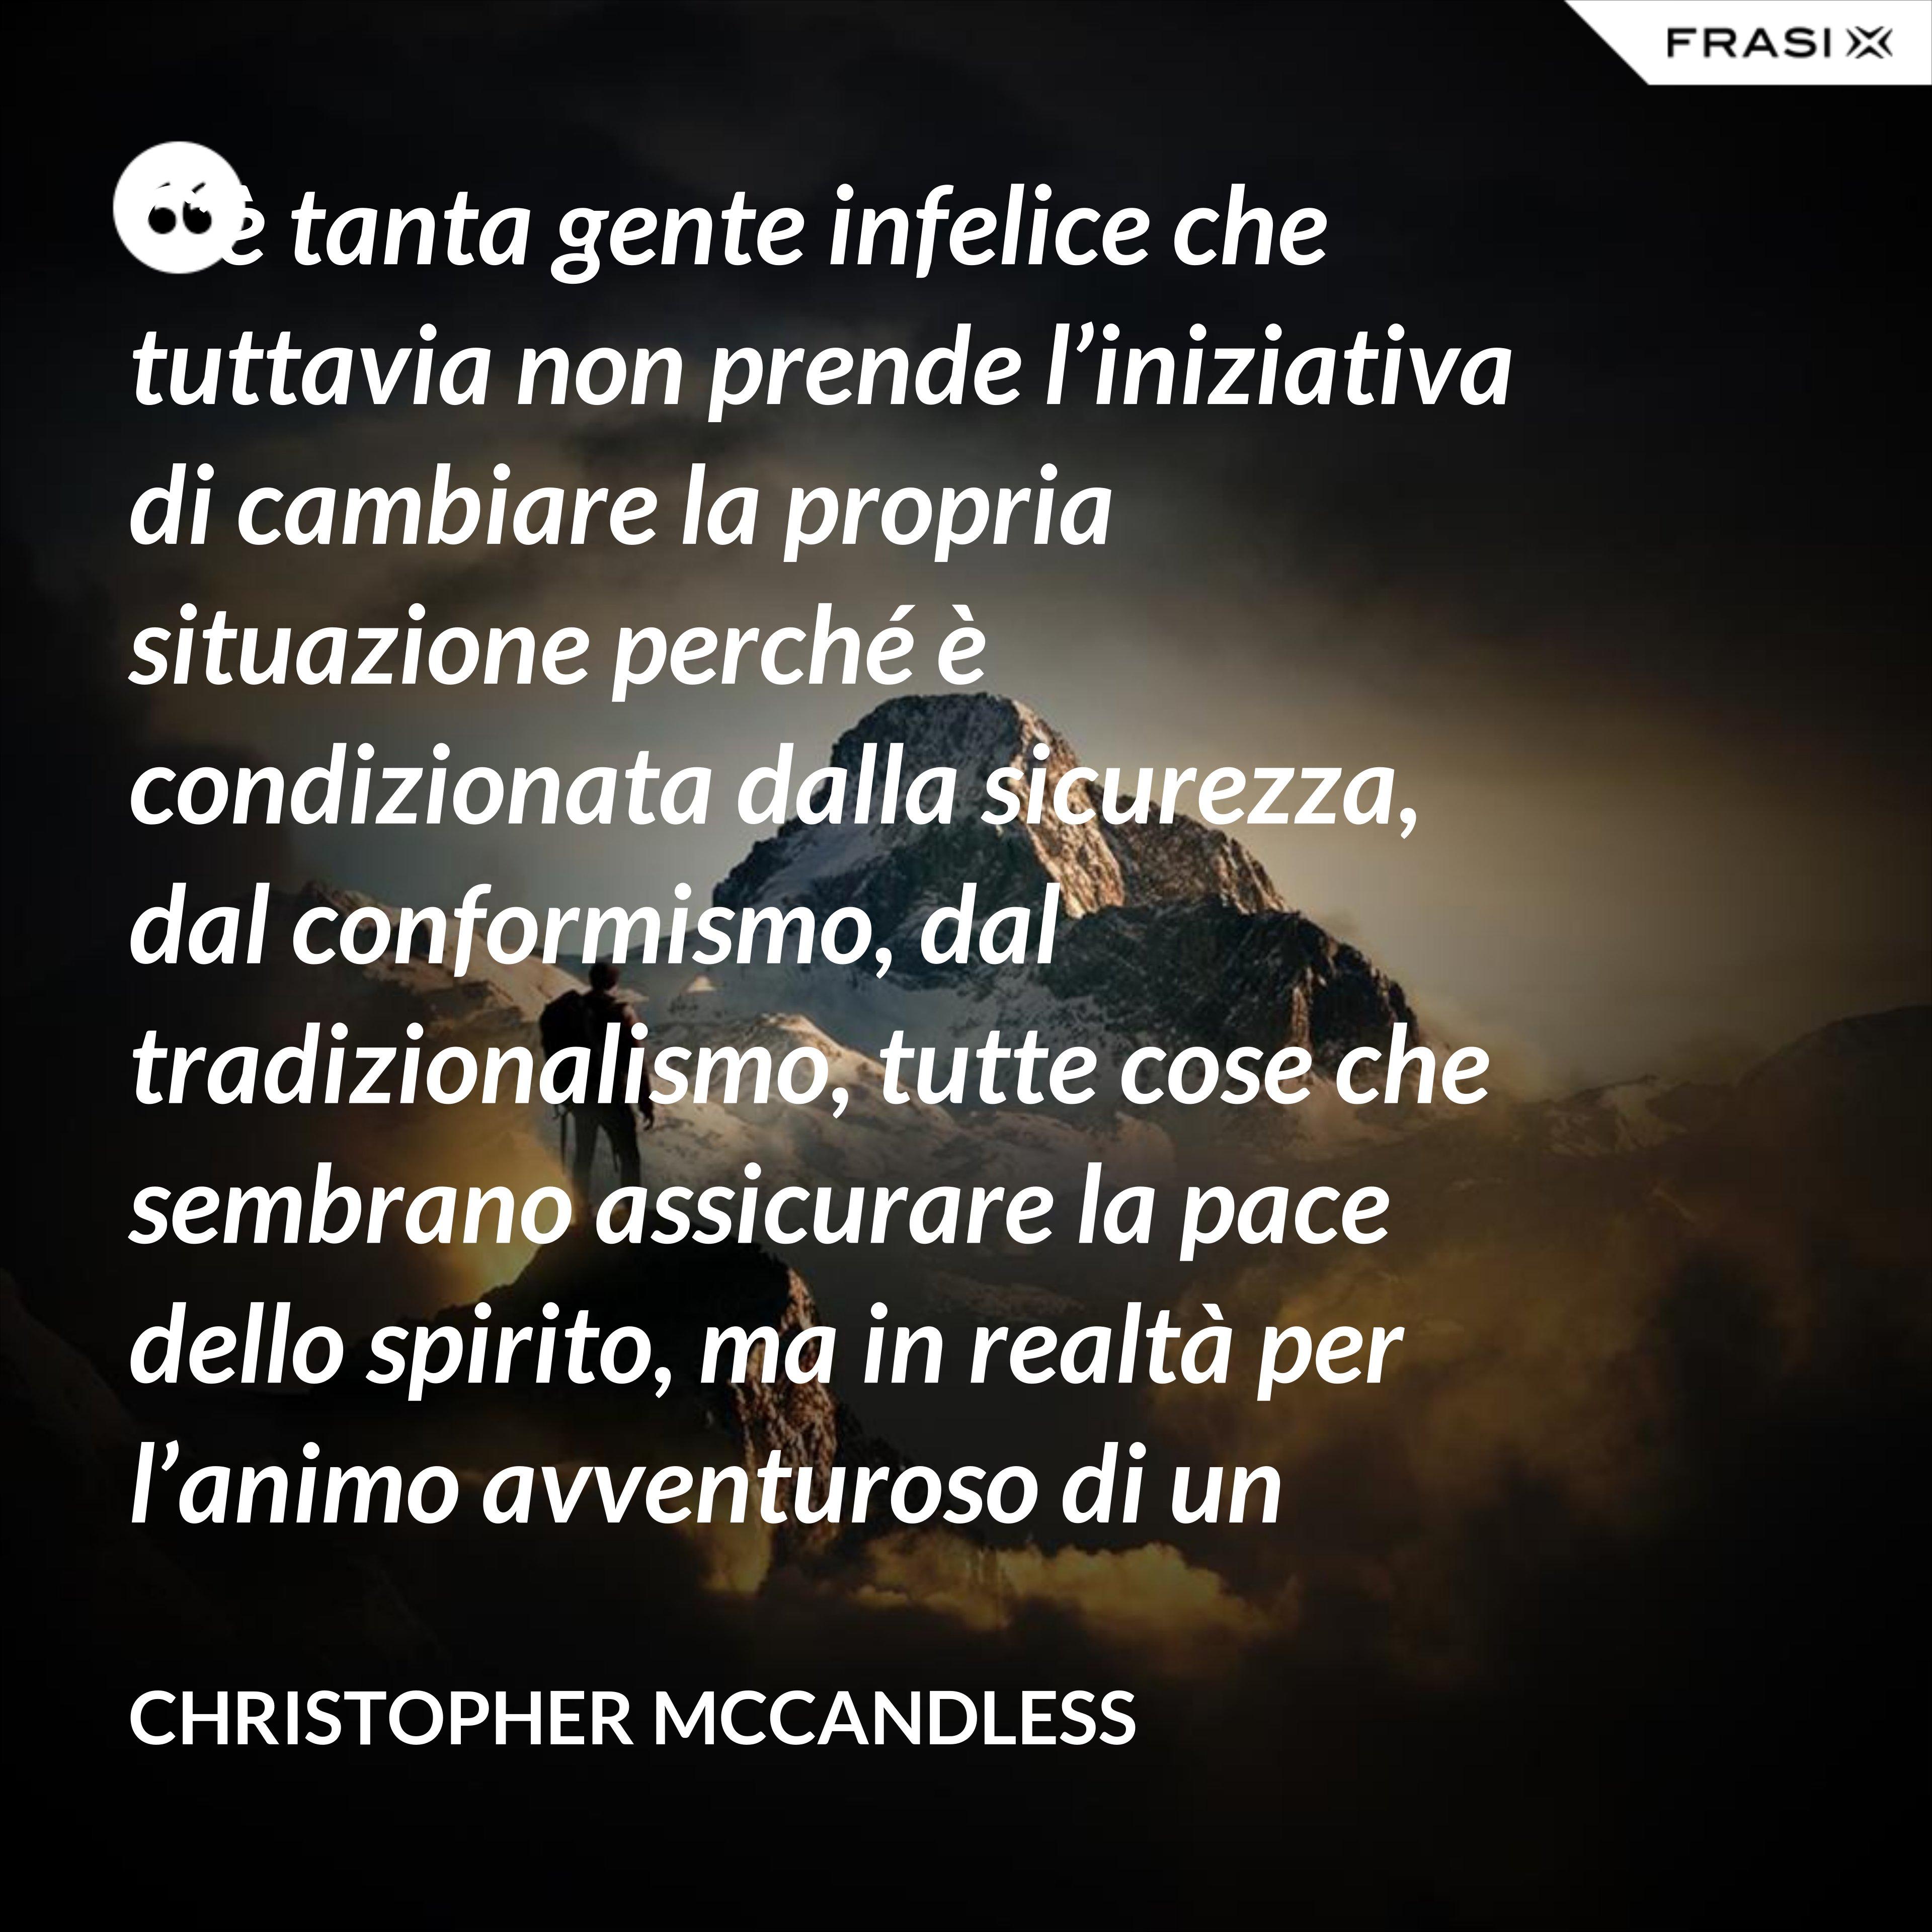 C'è tanta gente infelice che tuttavia non prende l'iniziativa di cambiare la propria situazione perché è condizionata dalla sicurezza, dal conformismo, dal tradizionalismo, tutte cose che sembrano assicurare la pace dello spirito, ma in realtà per l'animo avventuroso di un uomo non esiste nulla di più devastante di un futuro certo. - Christopher McCandless